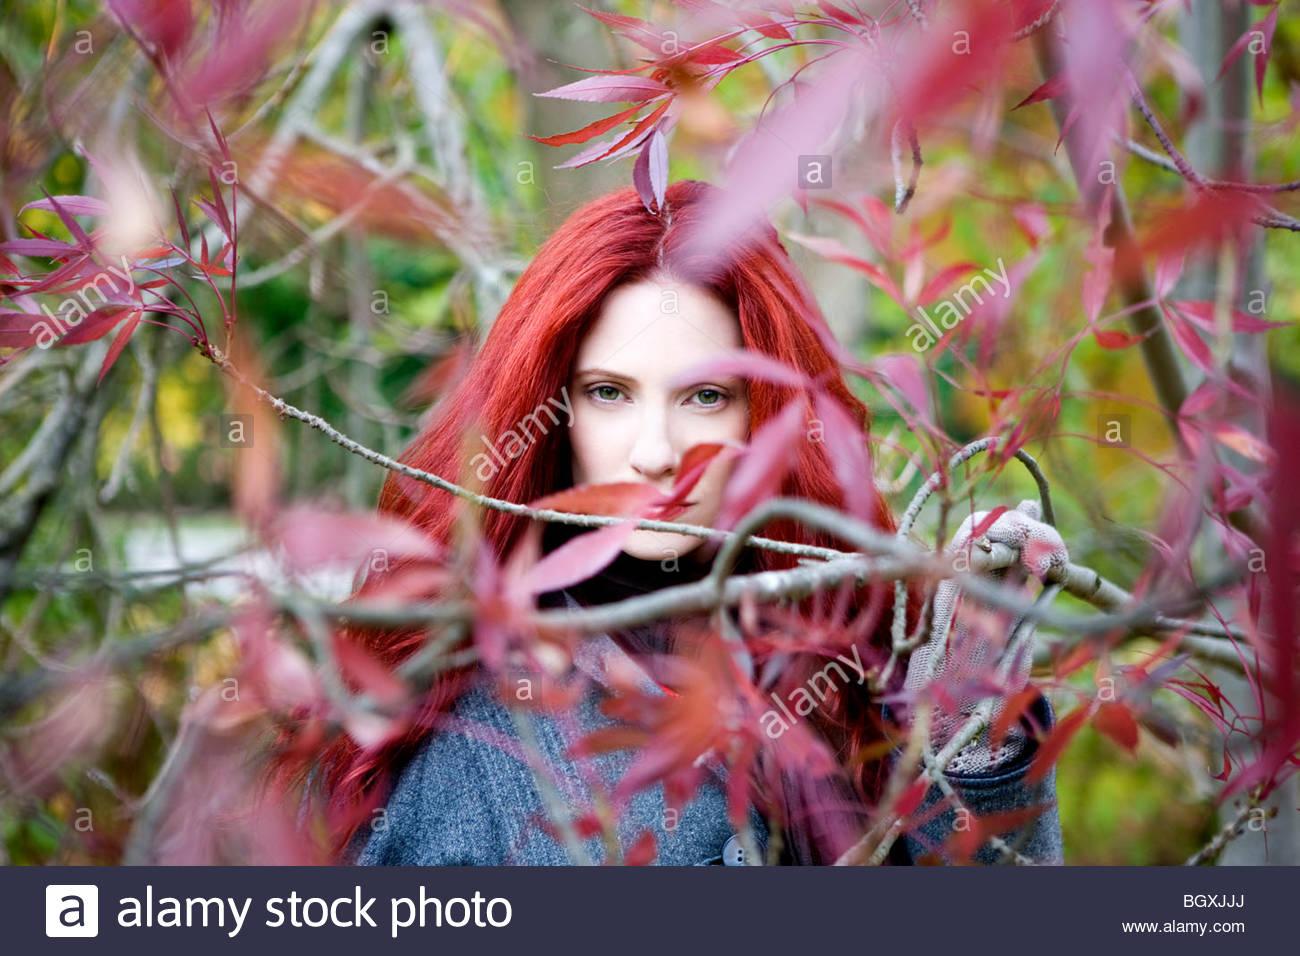 Eine junge Frau unter den Bäumen im Herbst Stockbild